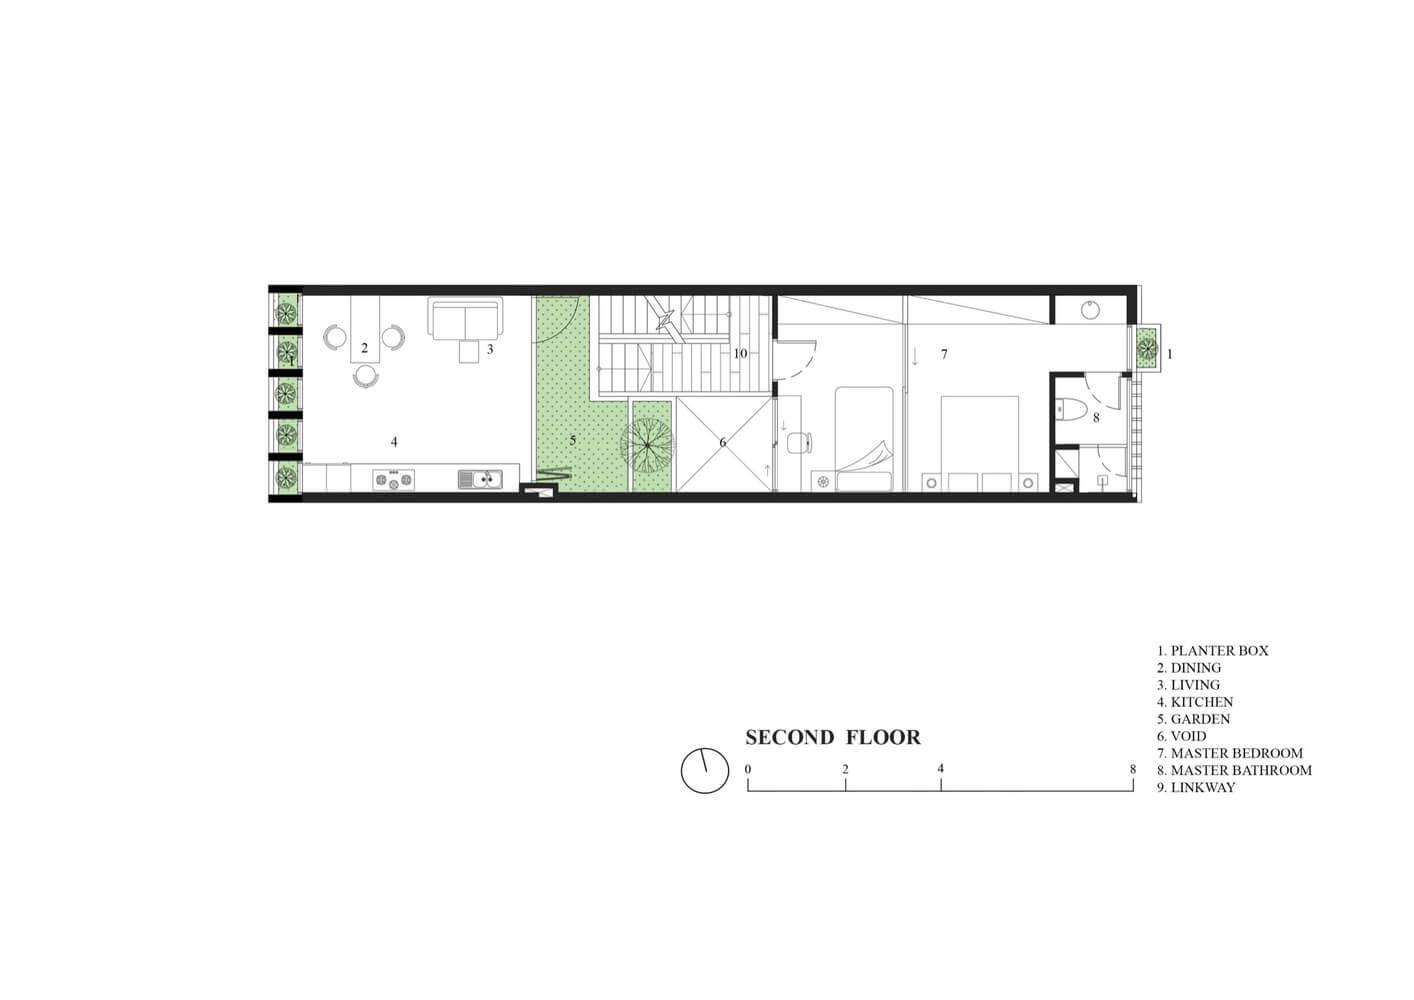 2nd Floor Plan - Ruko Hijau - BeliSewaRumah